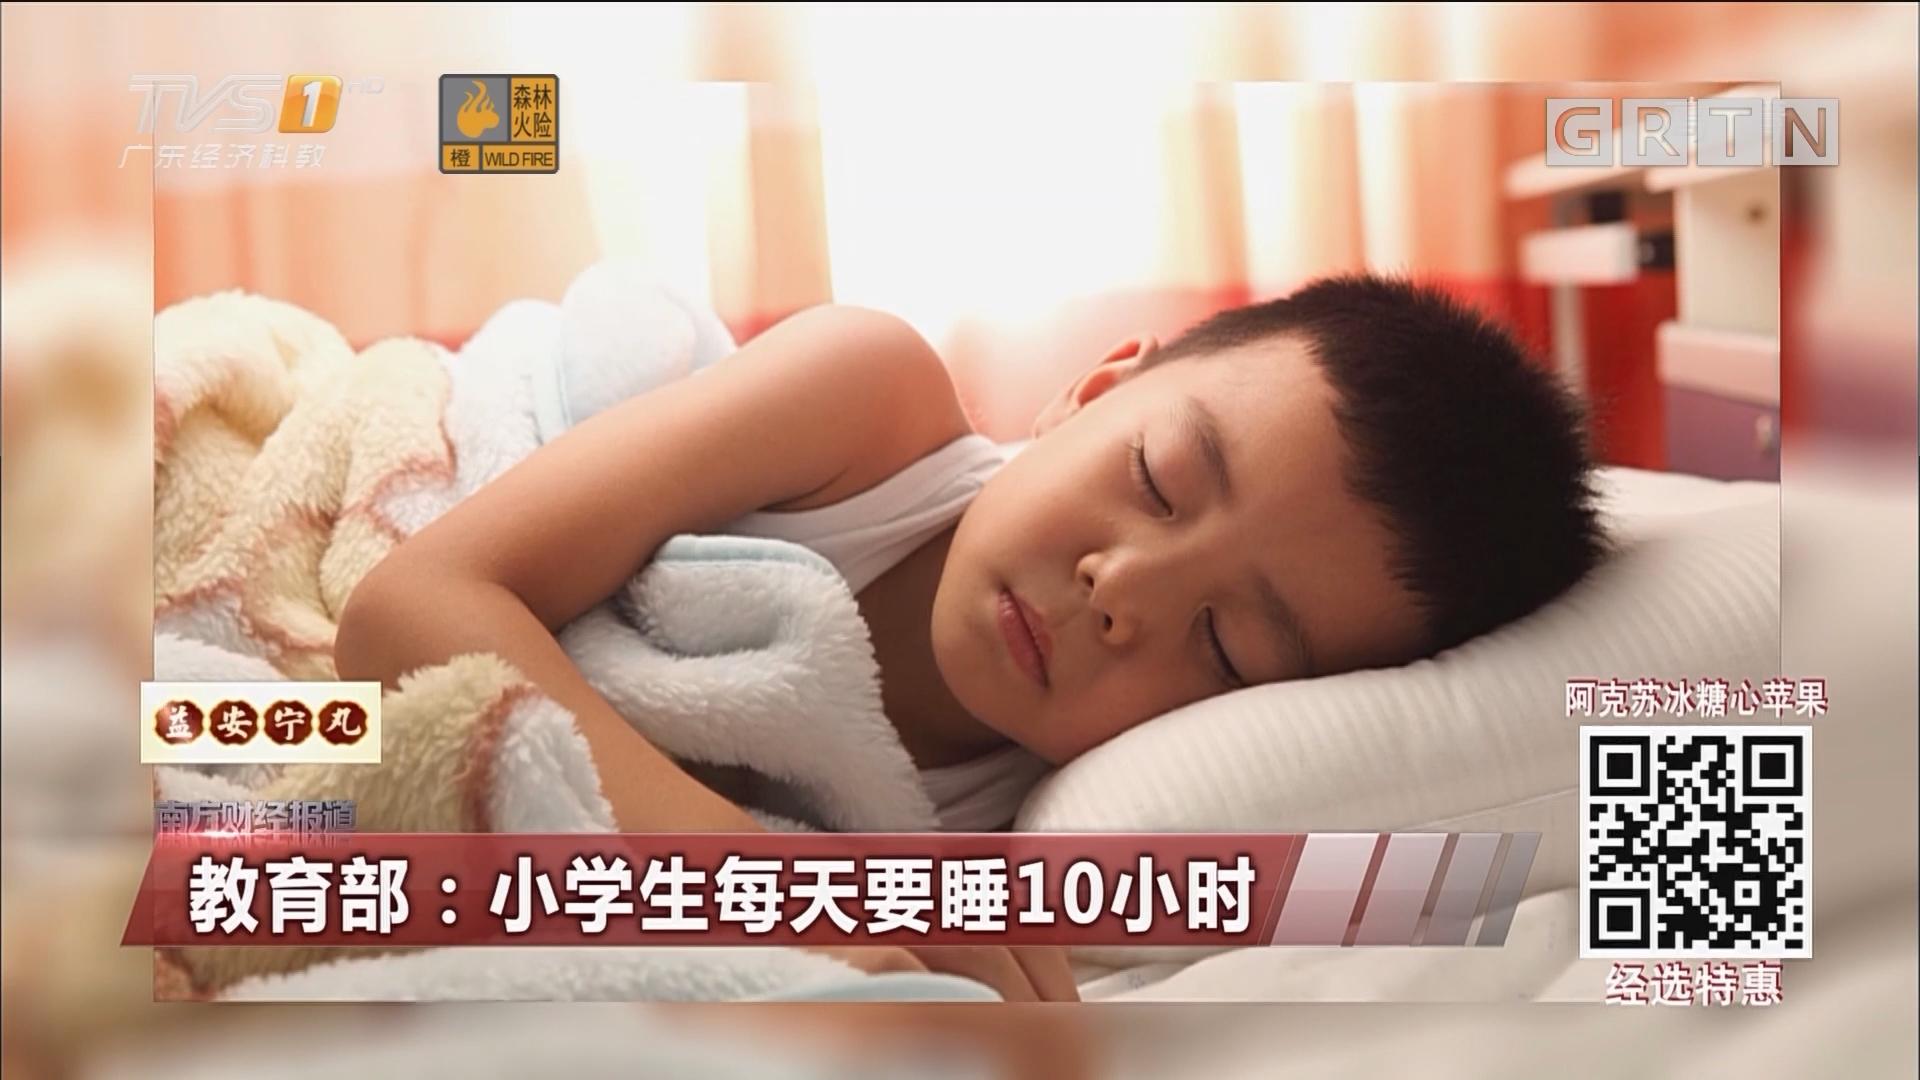 教育部:小学生每天要睡10小时